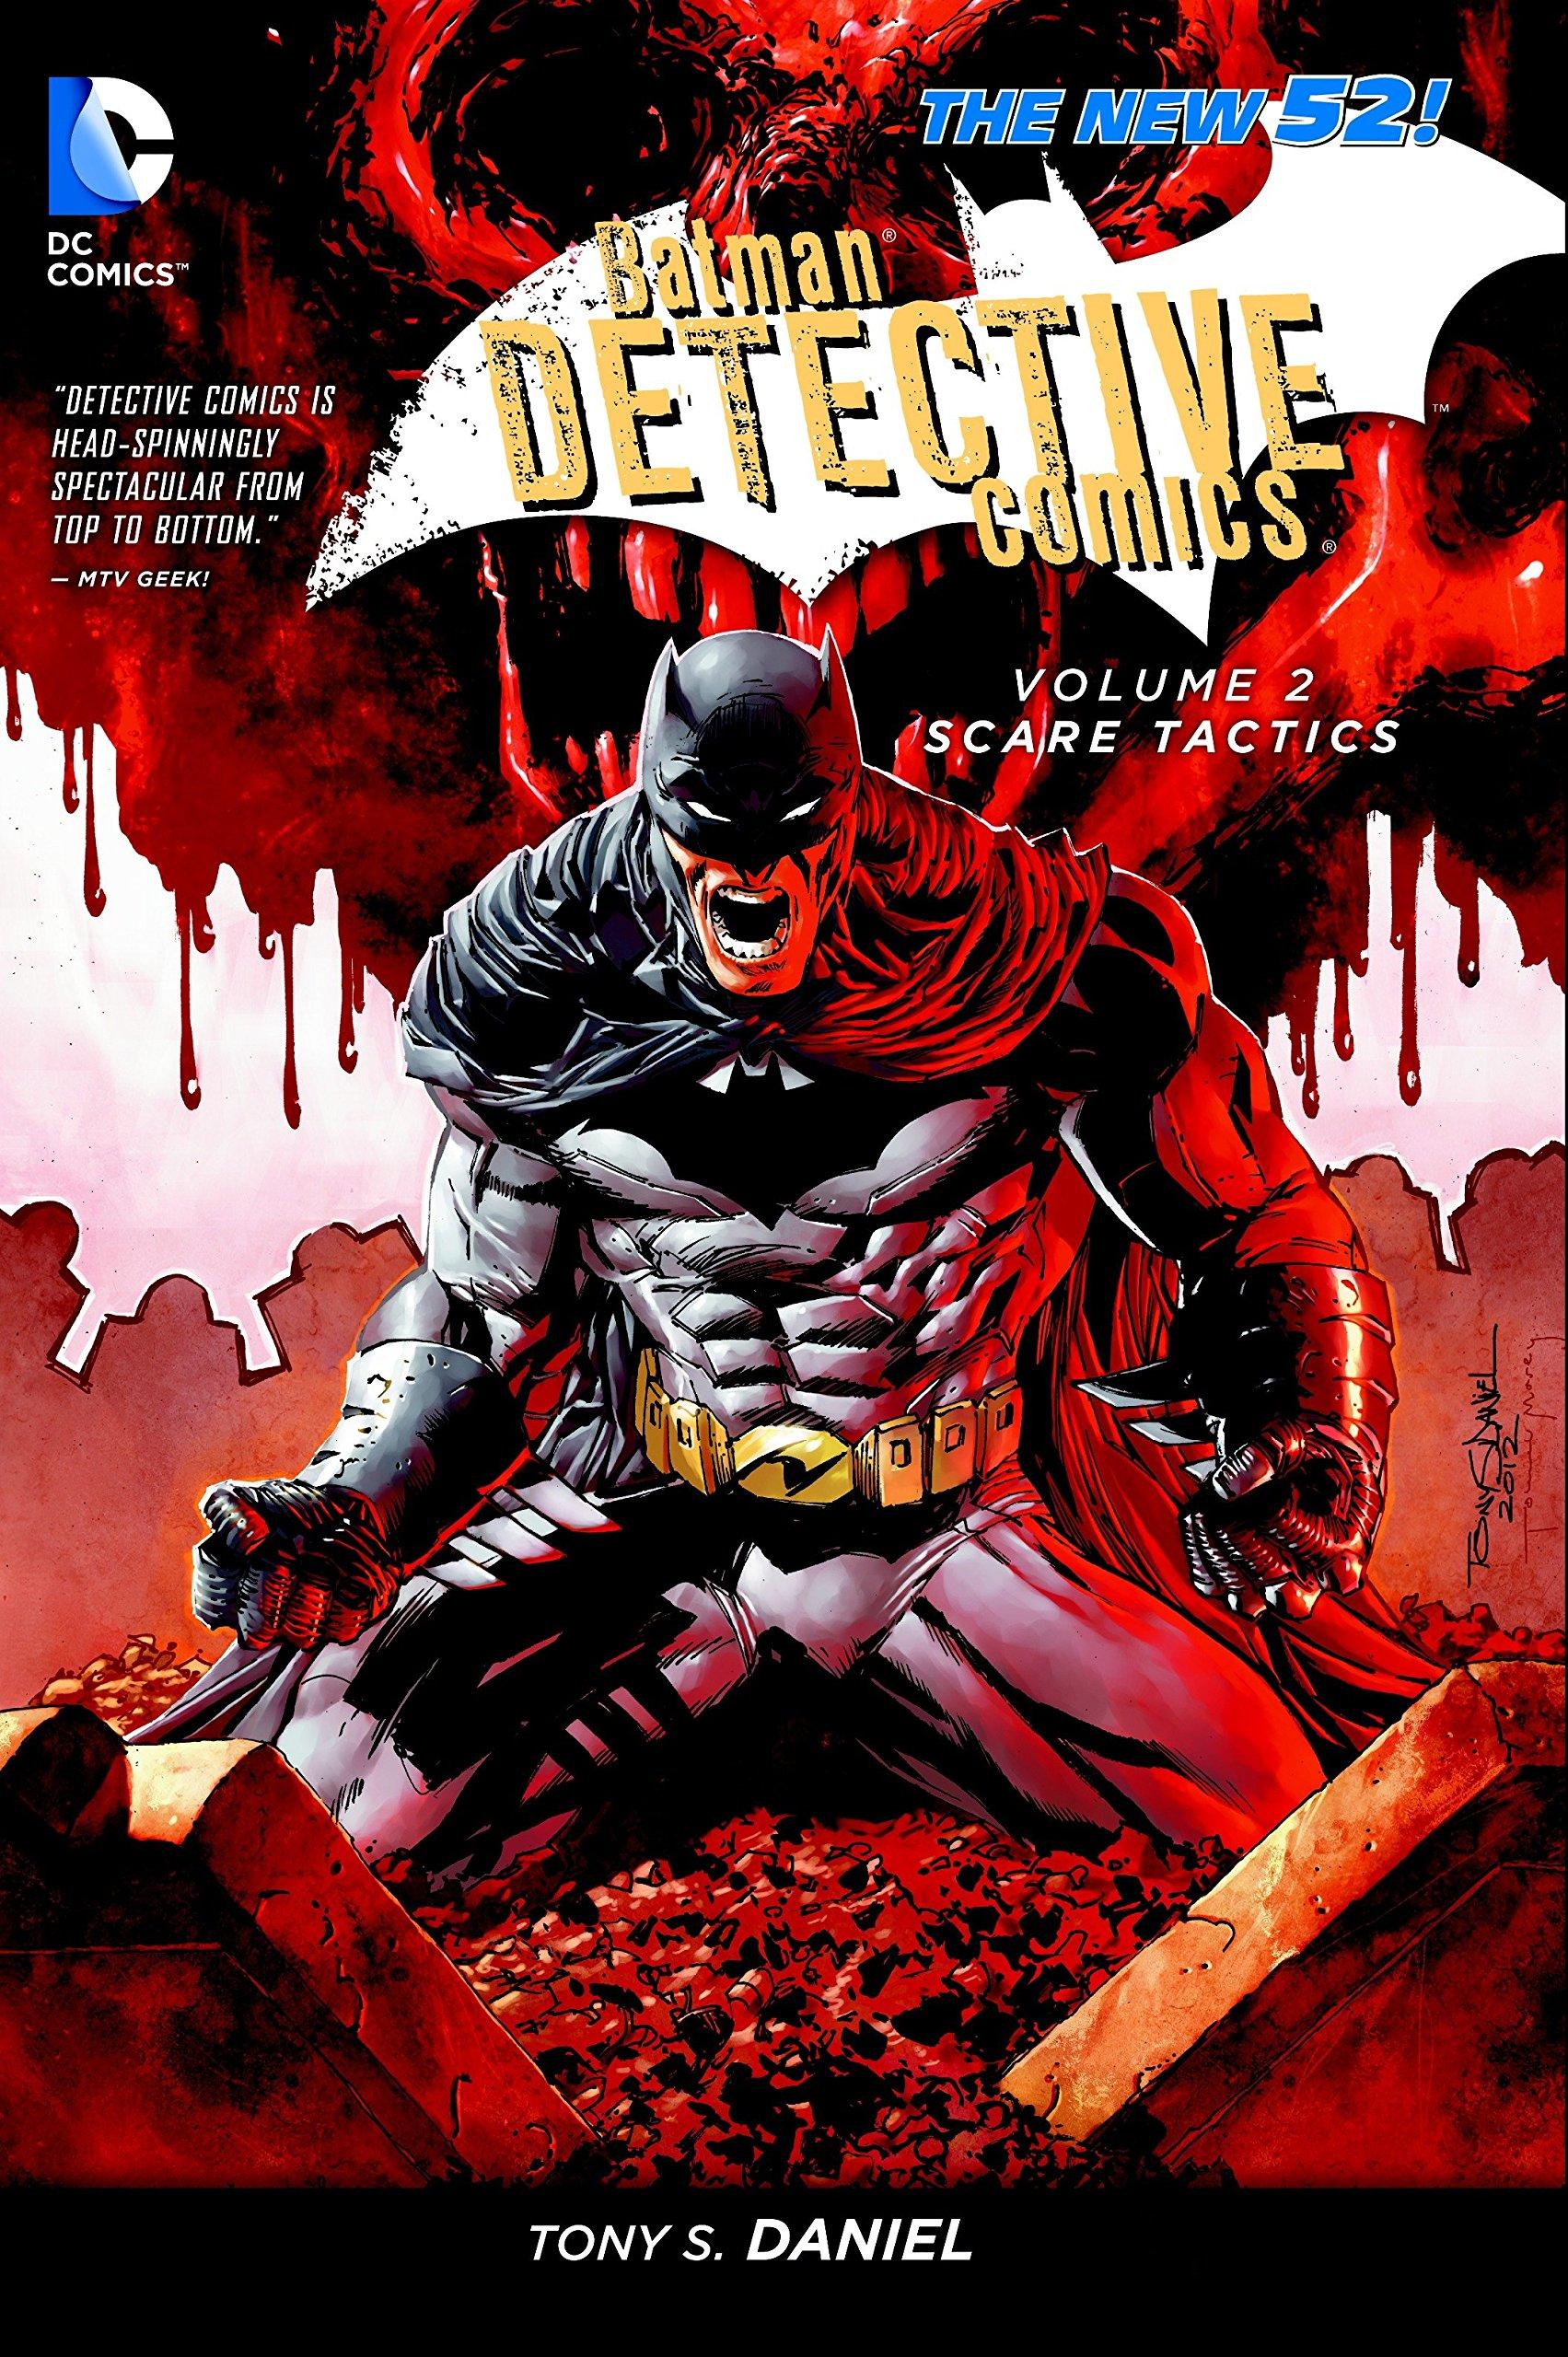 Batman: Detective Comics Vol. 2: Scare Tactics (The New 52), Tony S. Daniel; James Tynion IV